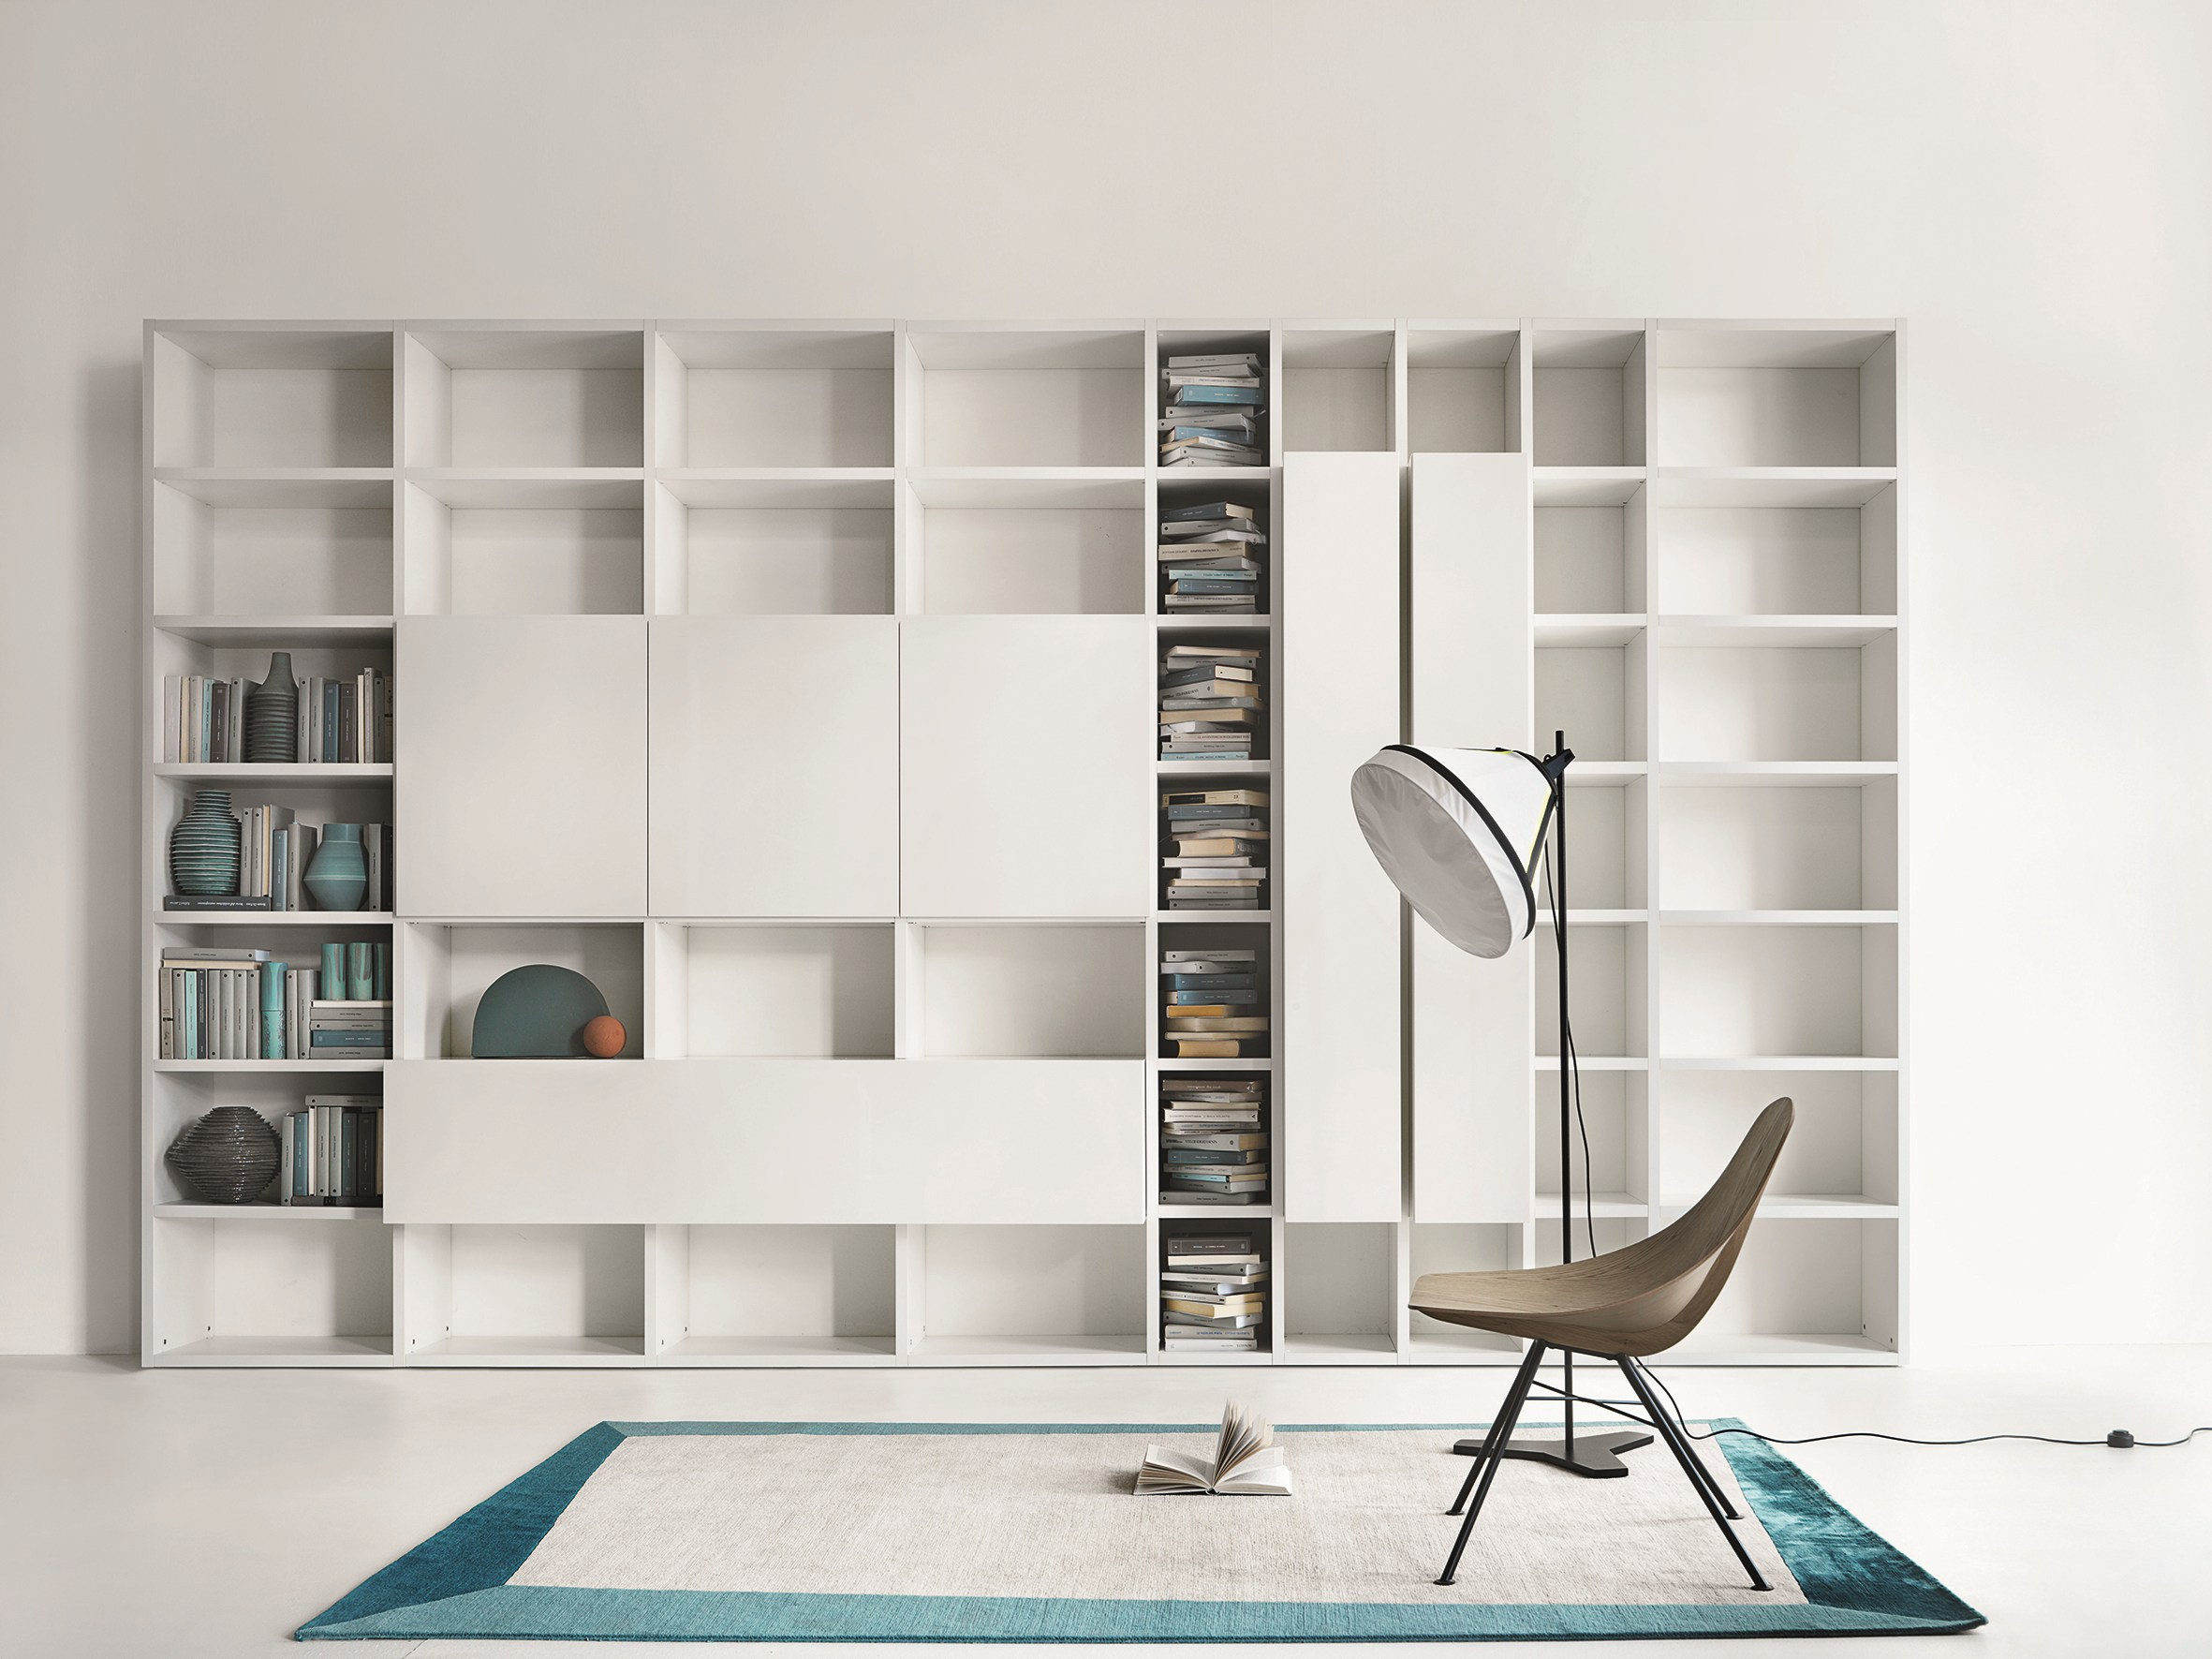 Libreria componibile modulare su misura selecta by lema for Libreria lema